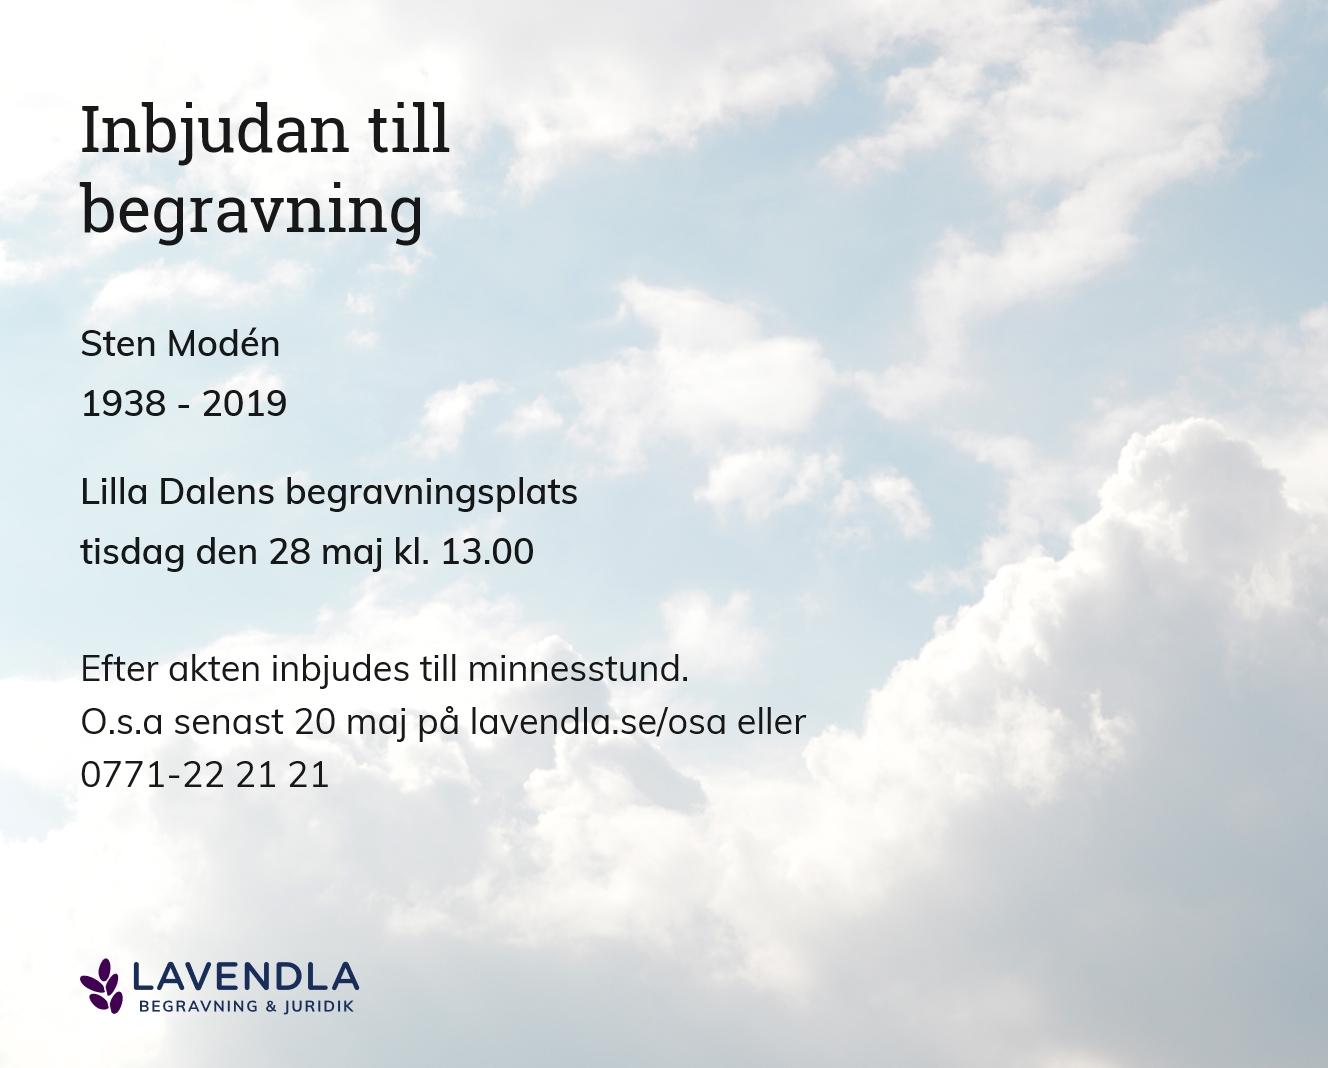 Inbjudningskort till ceremonin för Sten Modén